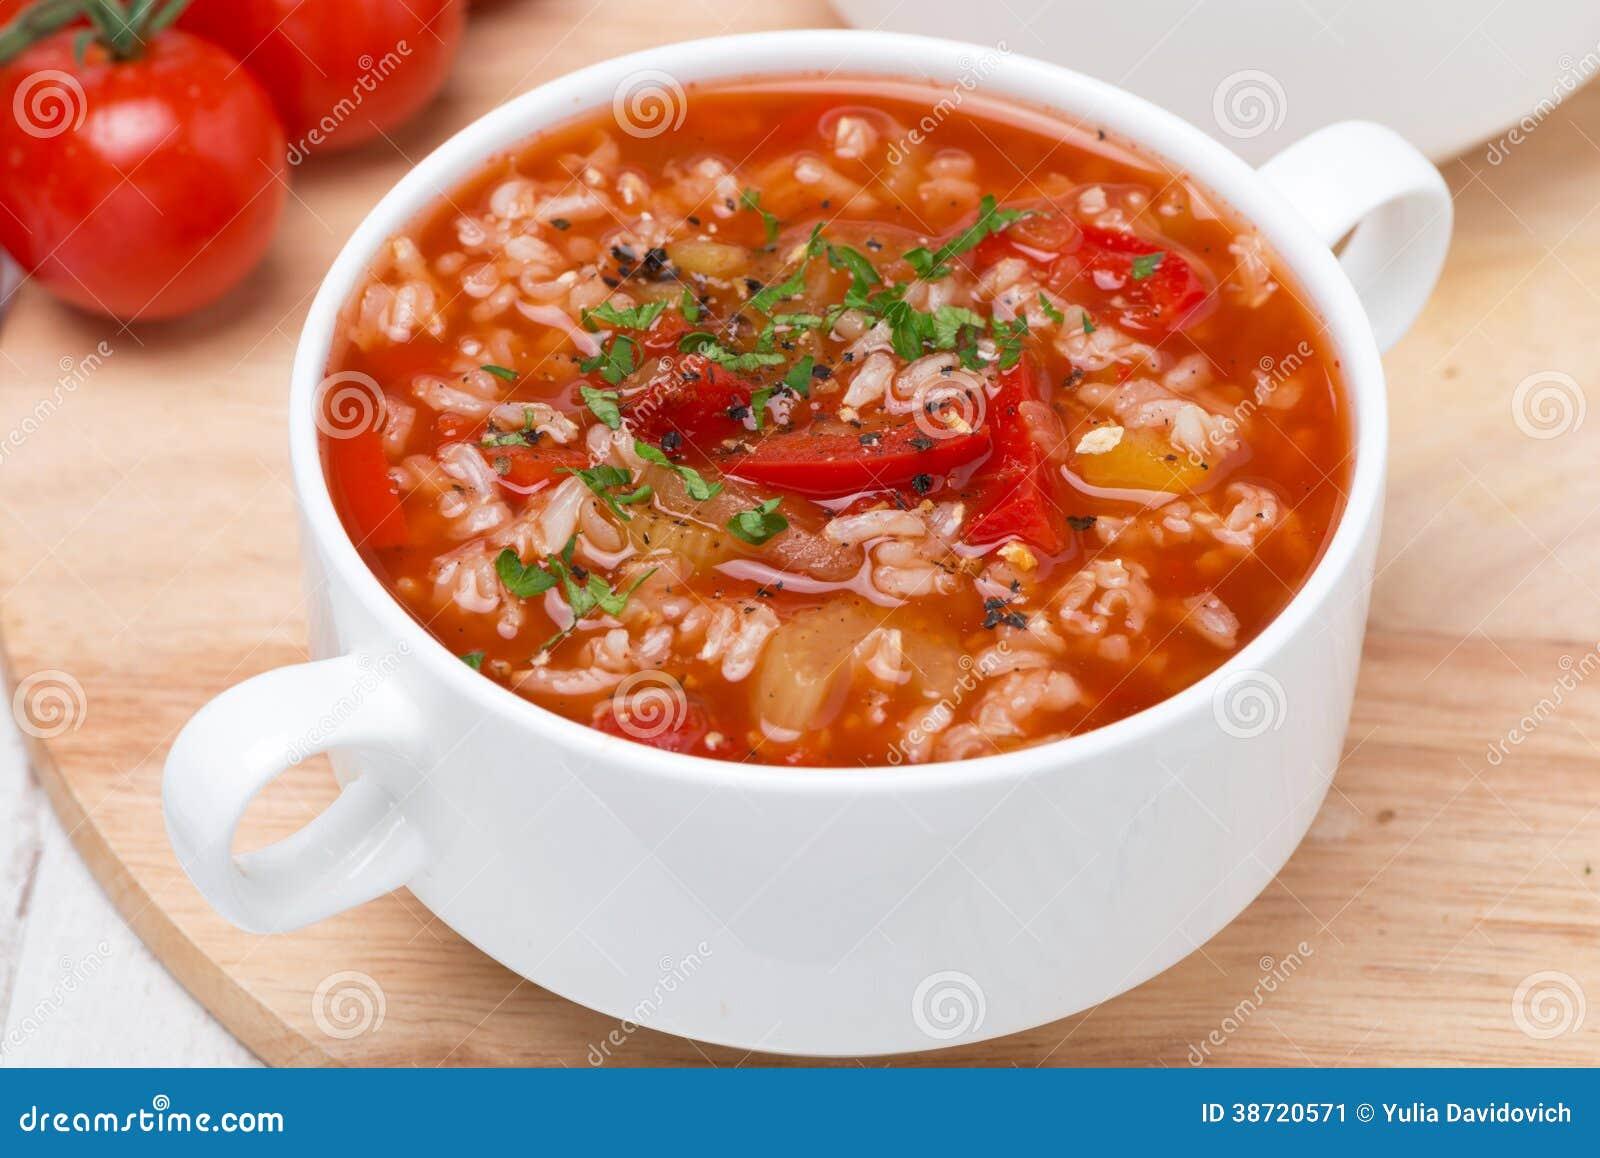 Soupe tomate avec du riz des l gumes et des herbes image stock image 38720571 - Absorber l humidite avec du riz ...